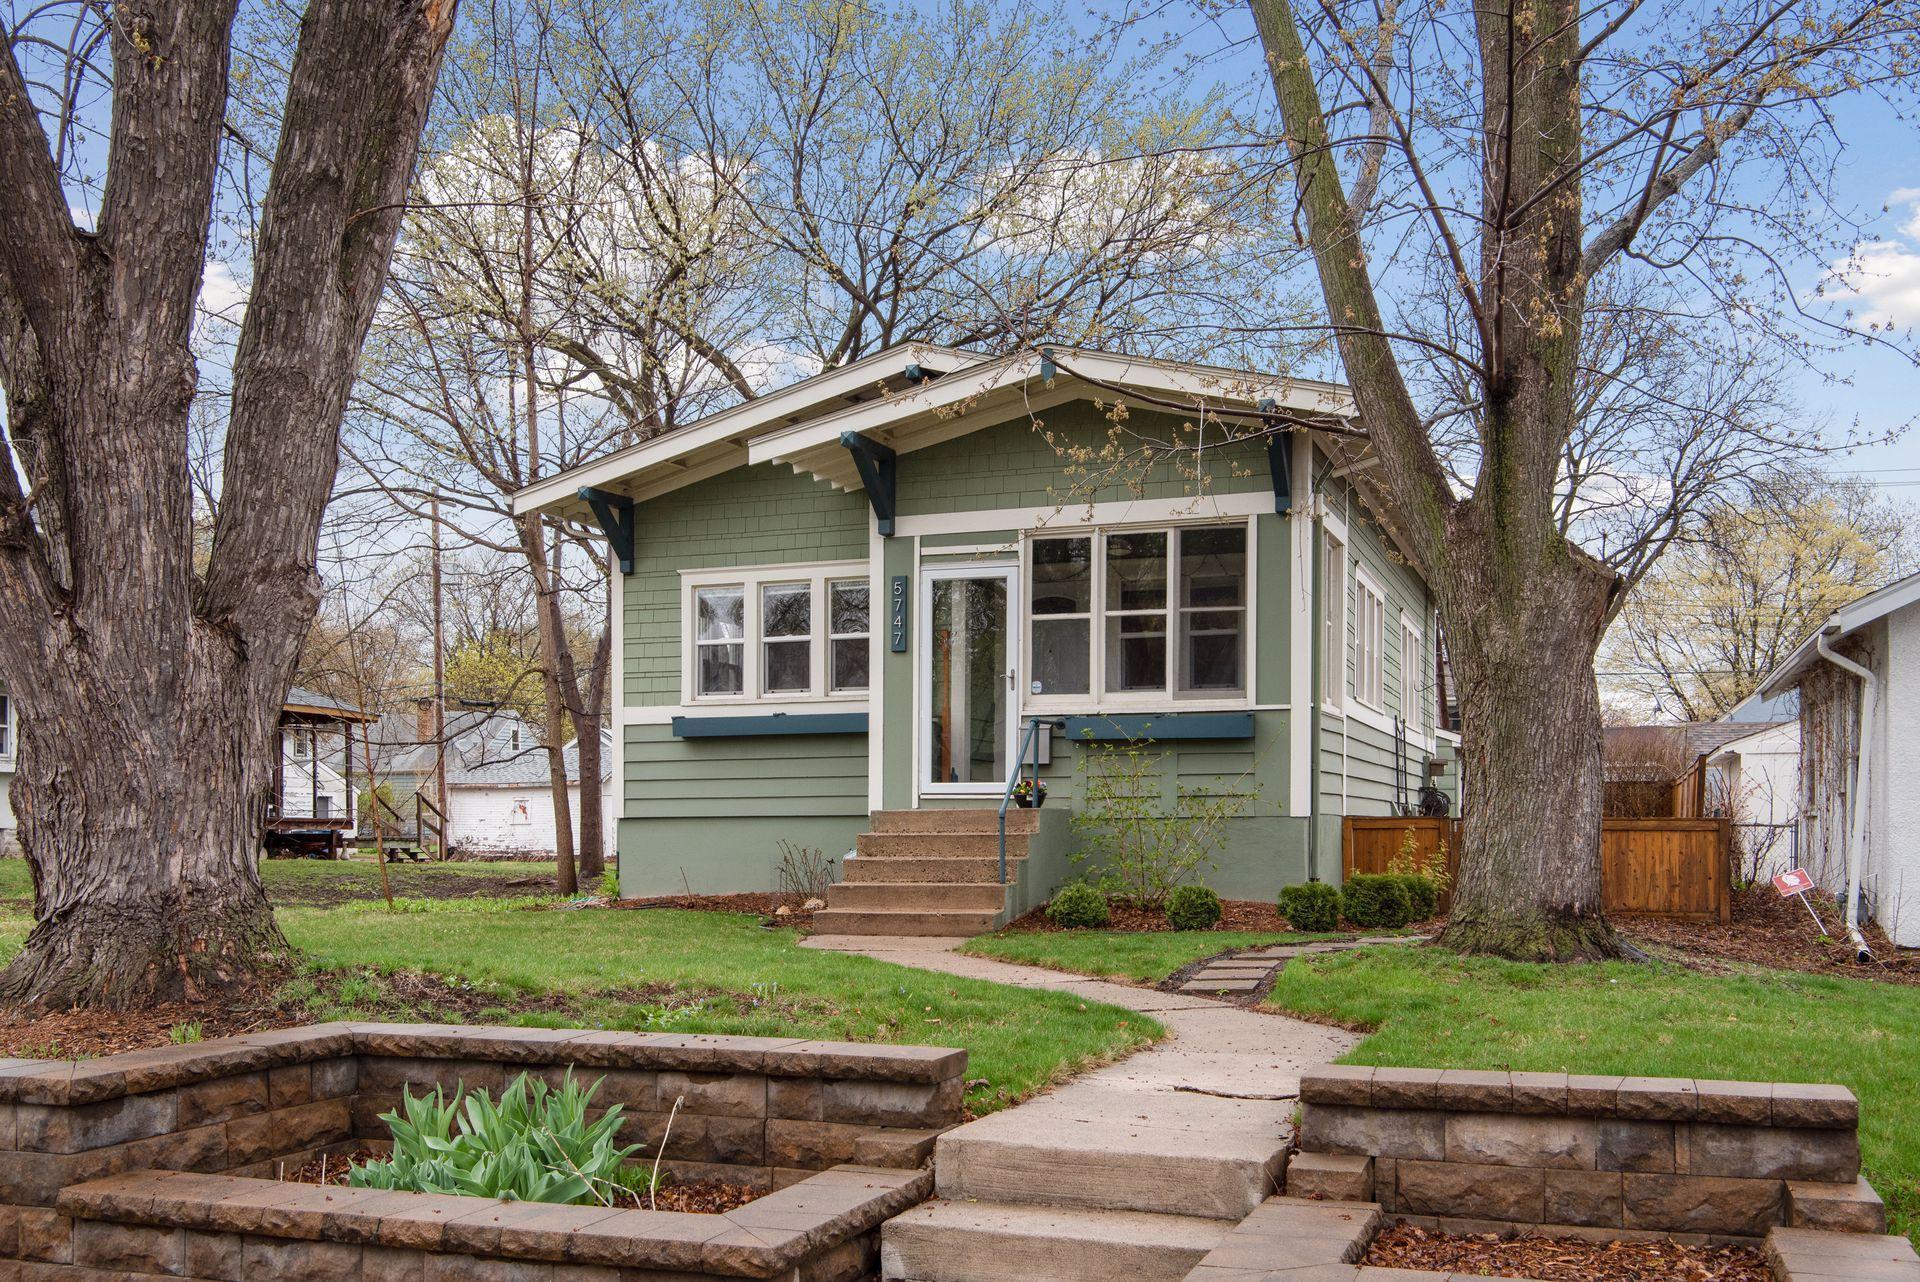 5747 Nicollet Avenue, Minneapolis MN 55419 - Photo 1